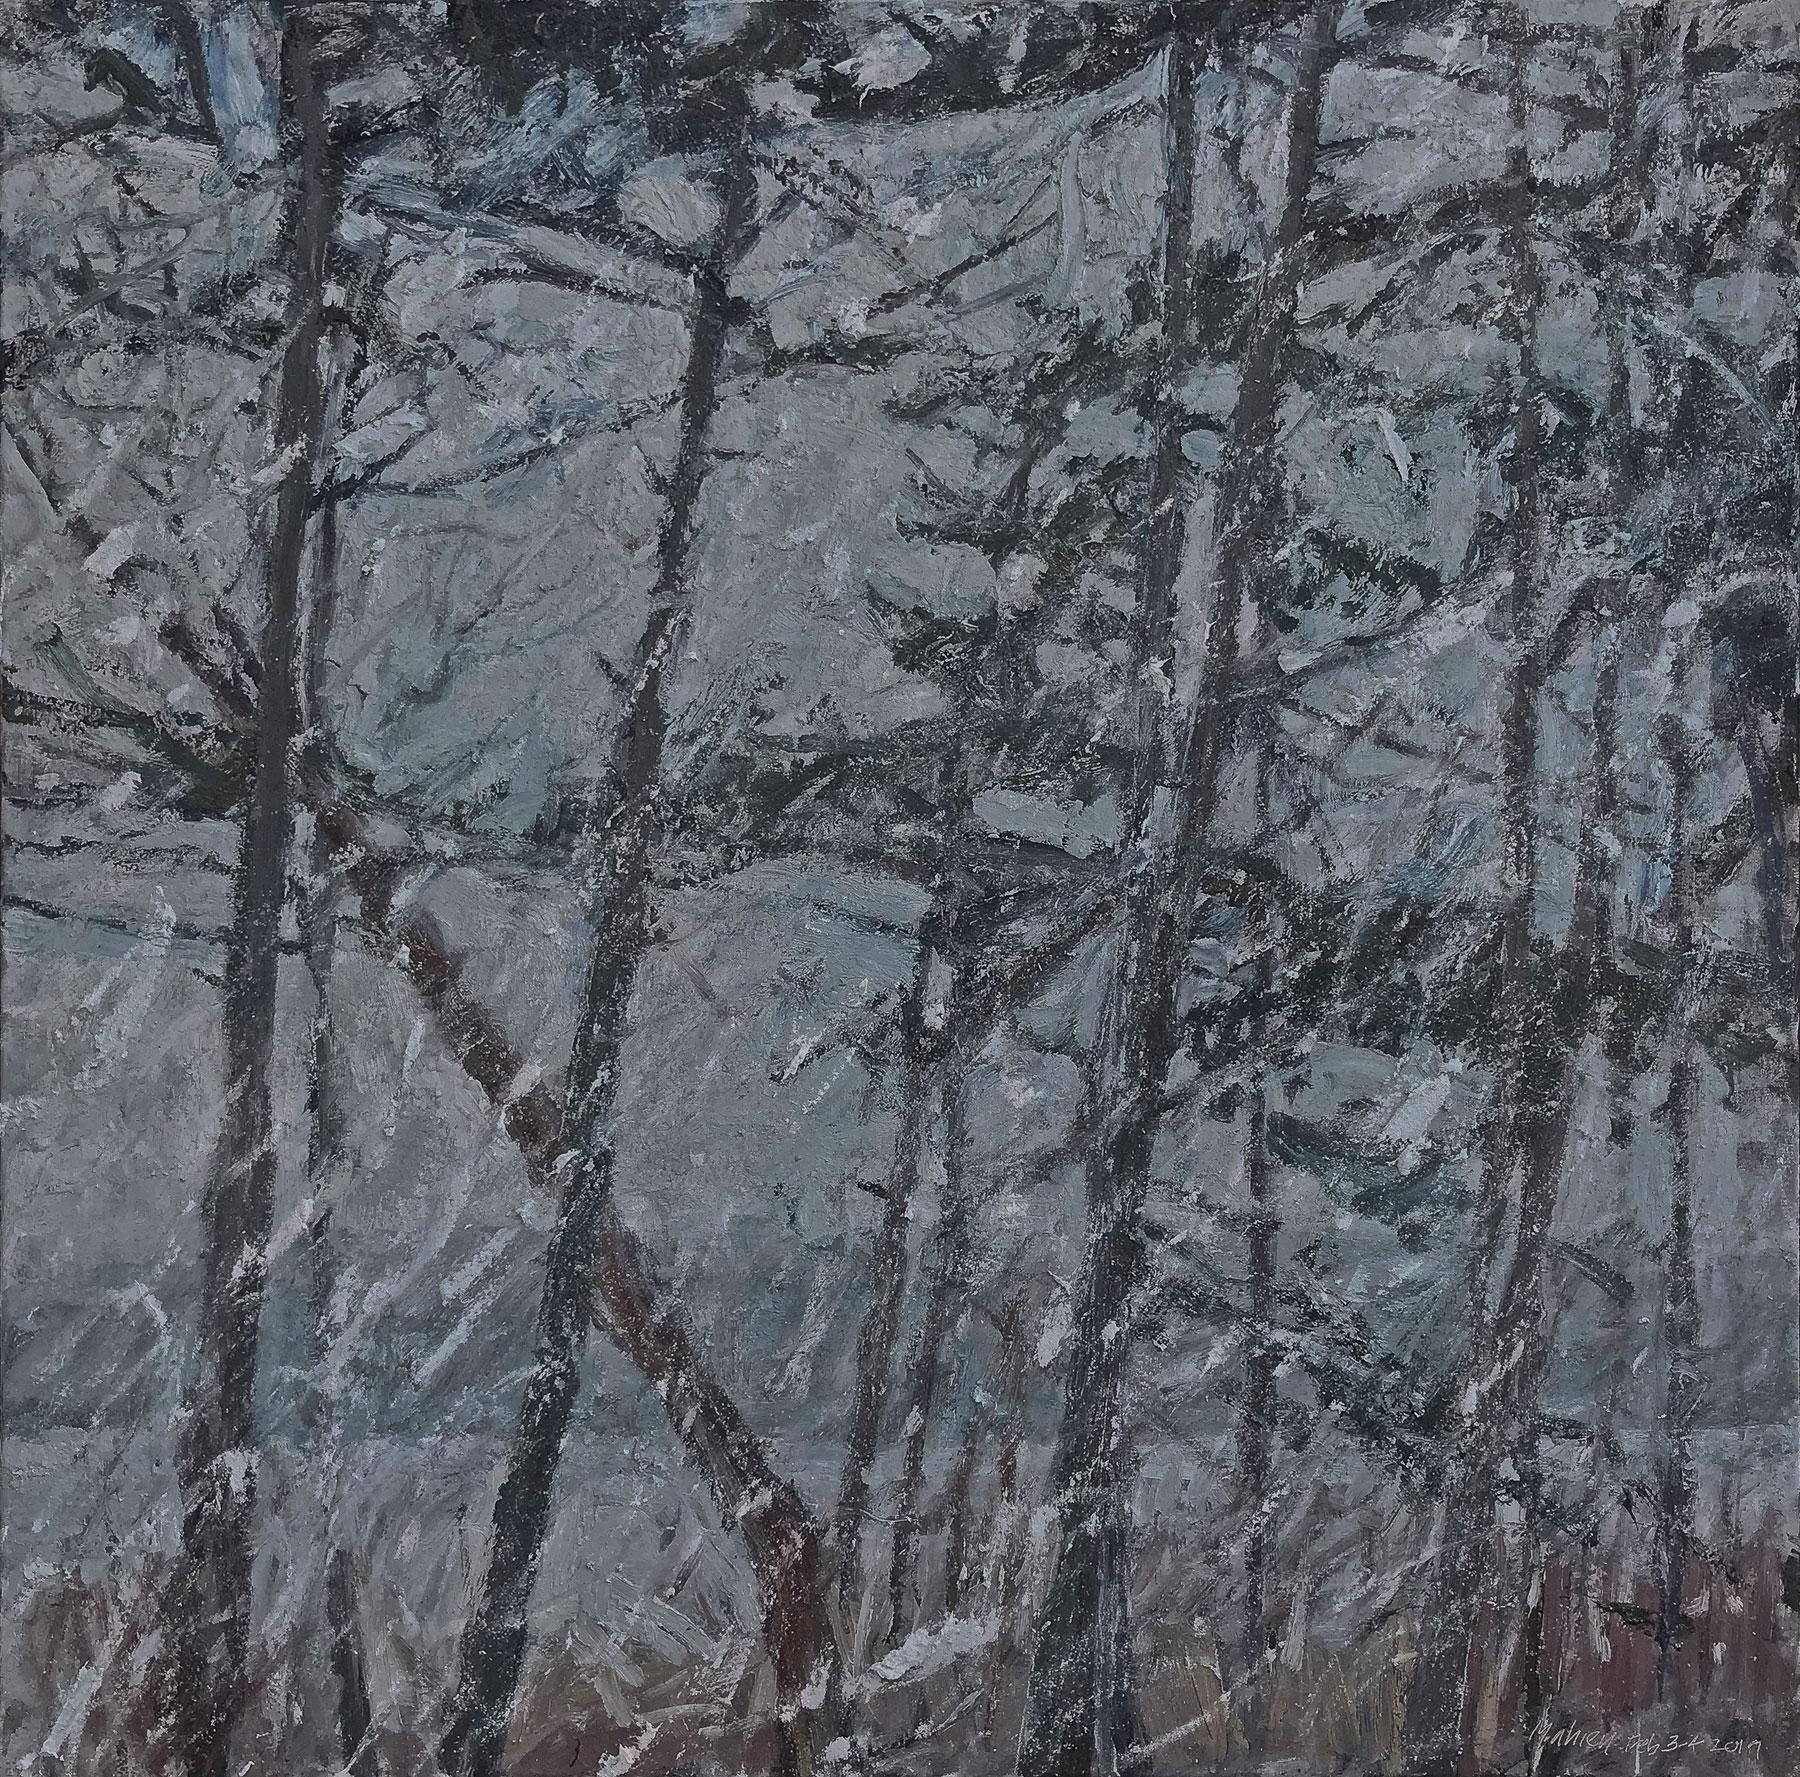 Snowfall at Dusk